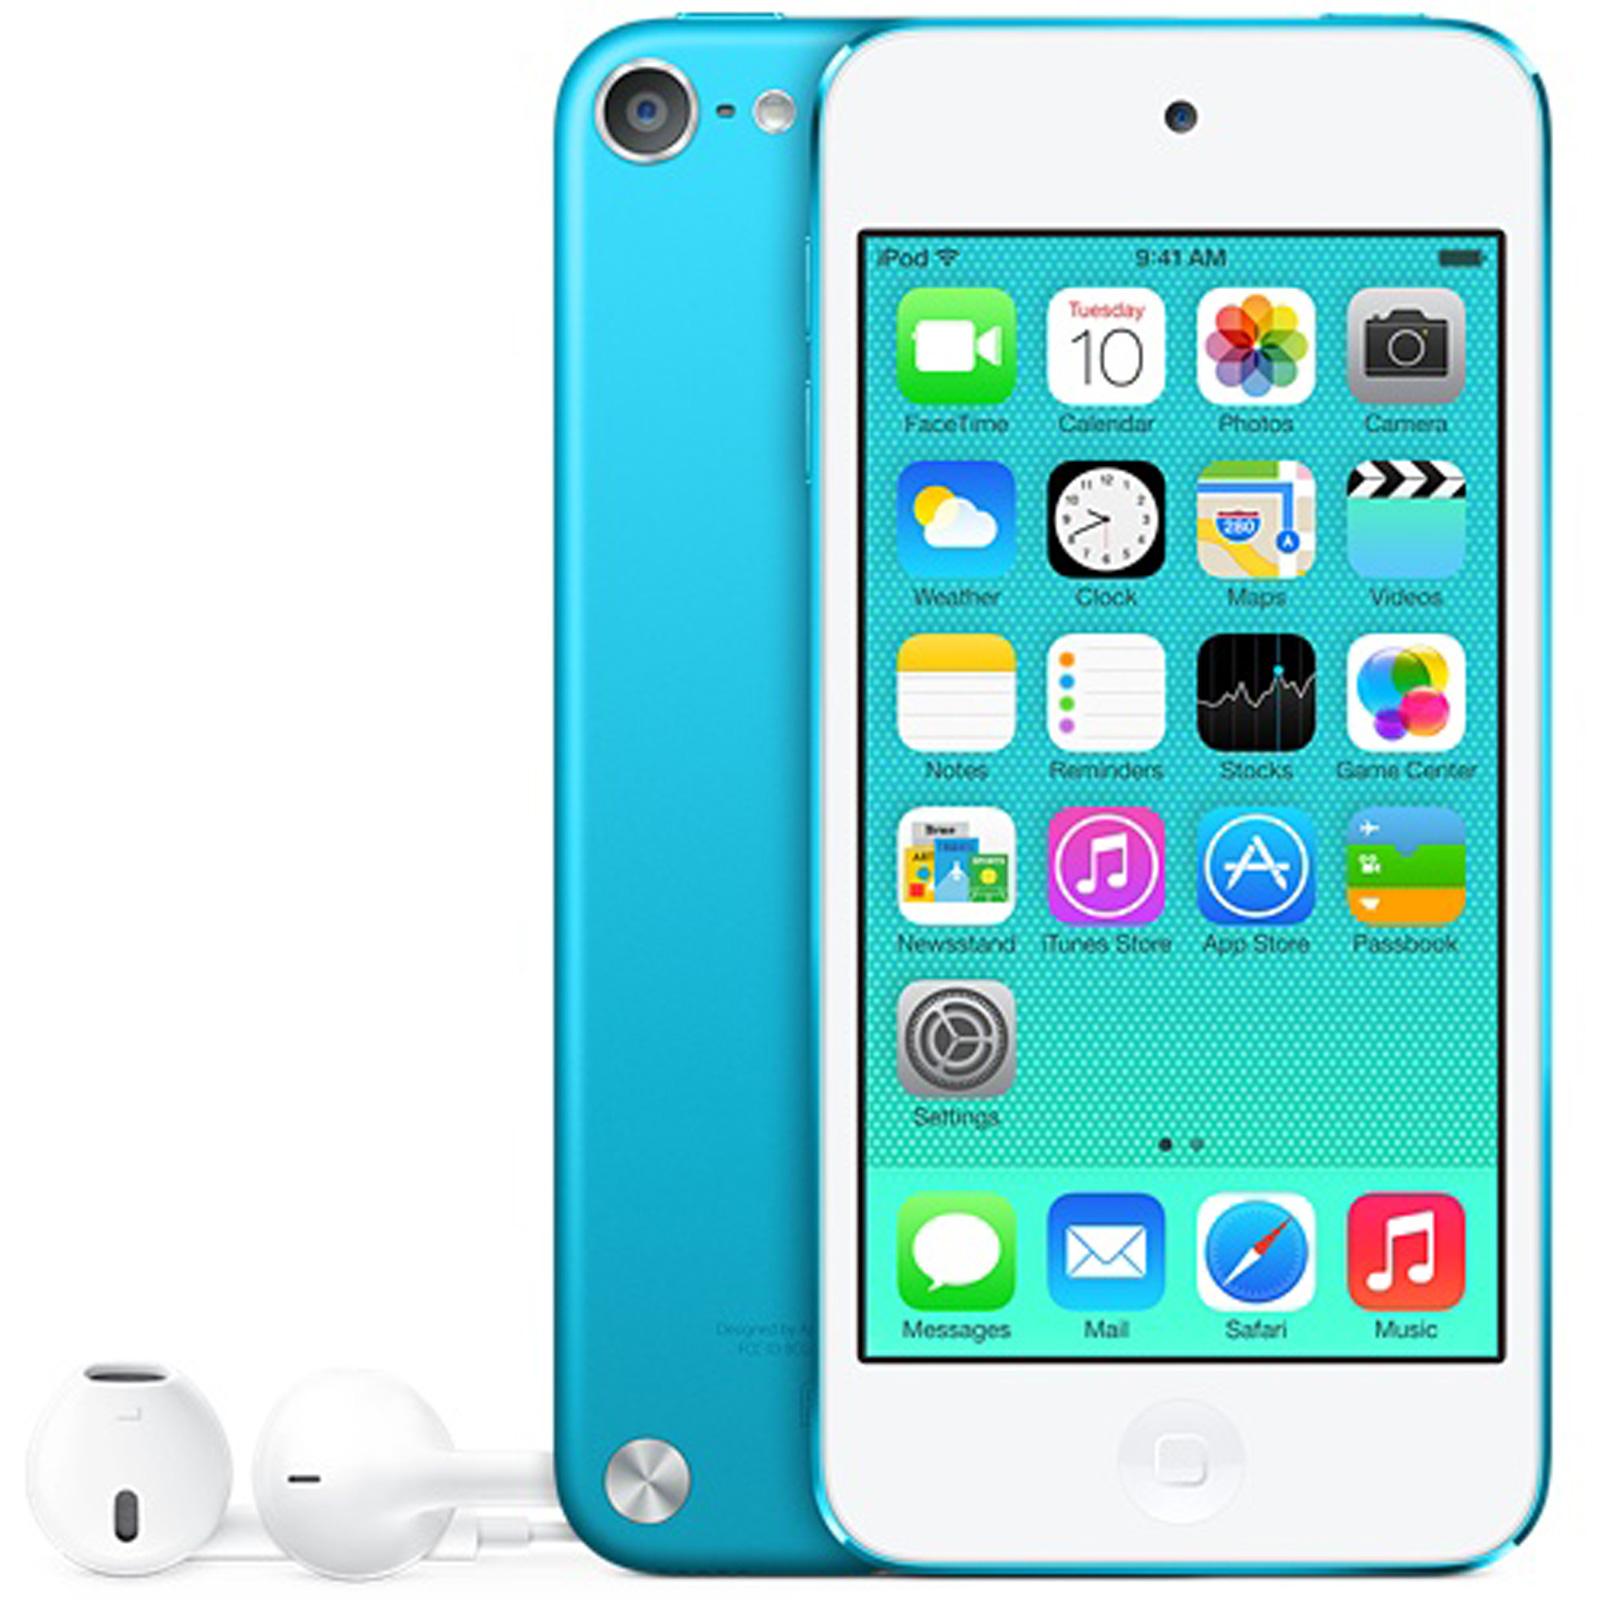 apple ipod touch 16 go bleu lecteur mp3 ipod apple sur. Black Bedroom Furniture Sets. Home Design Ideas